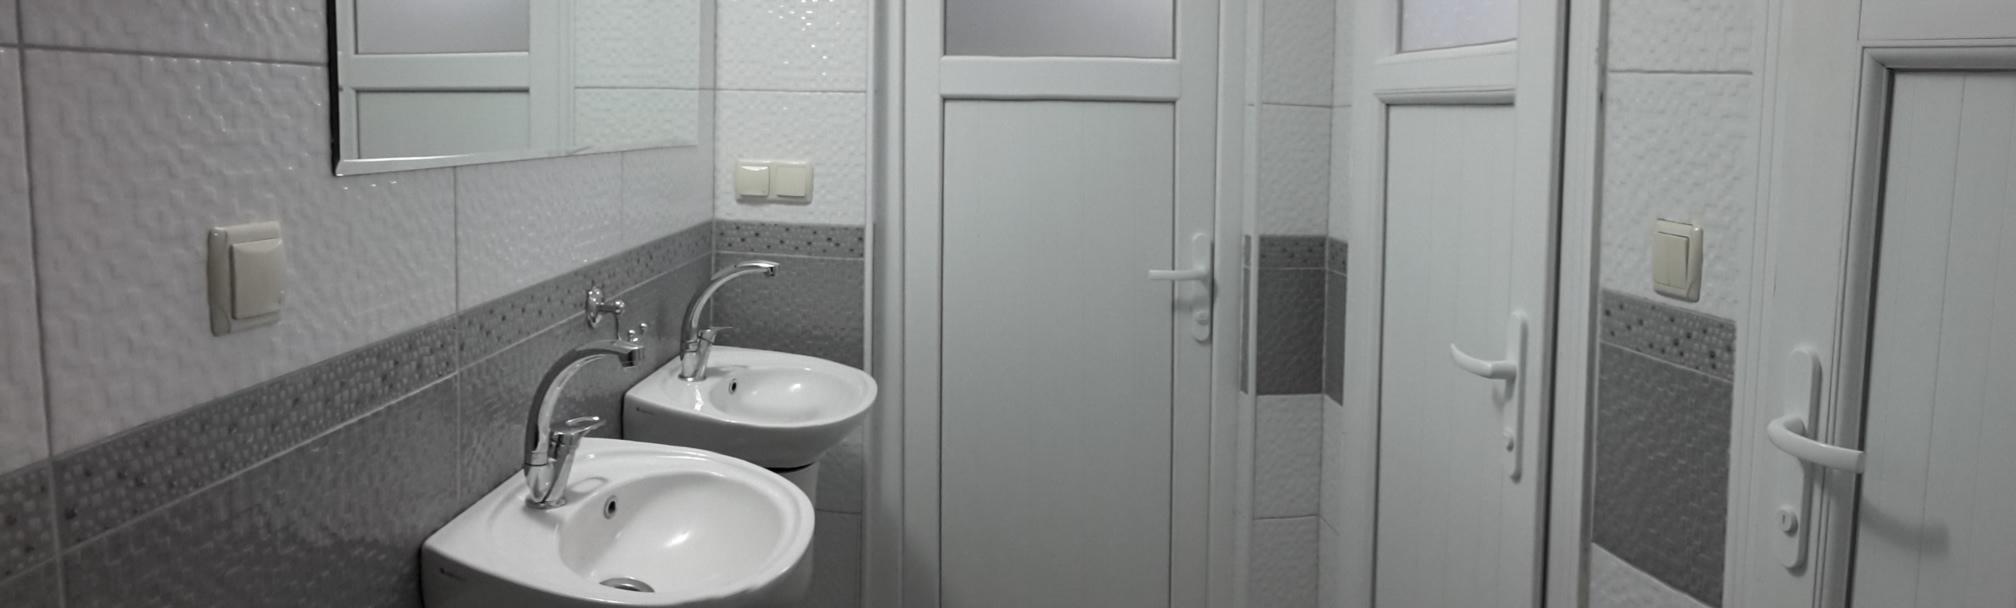 oda banyo.jpg